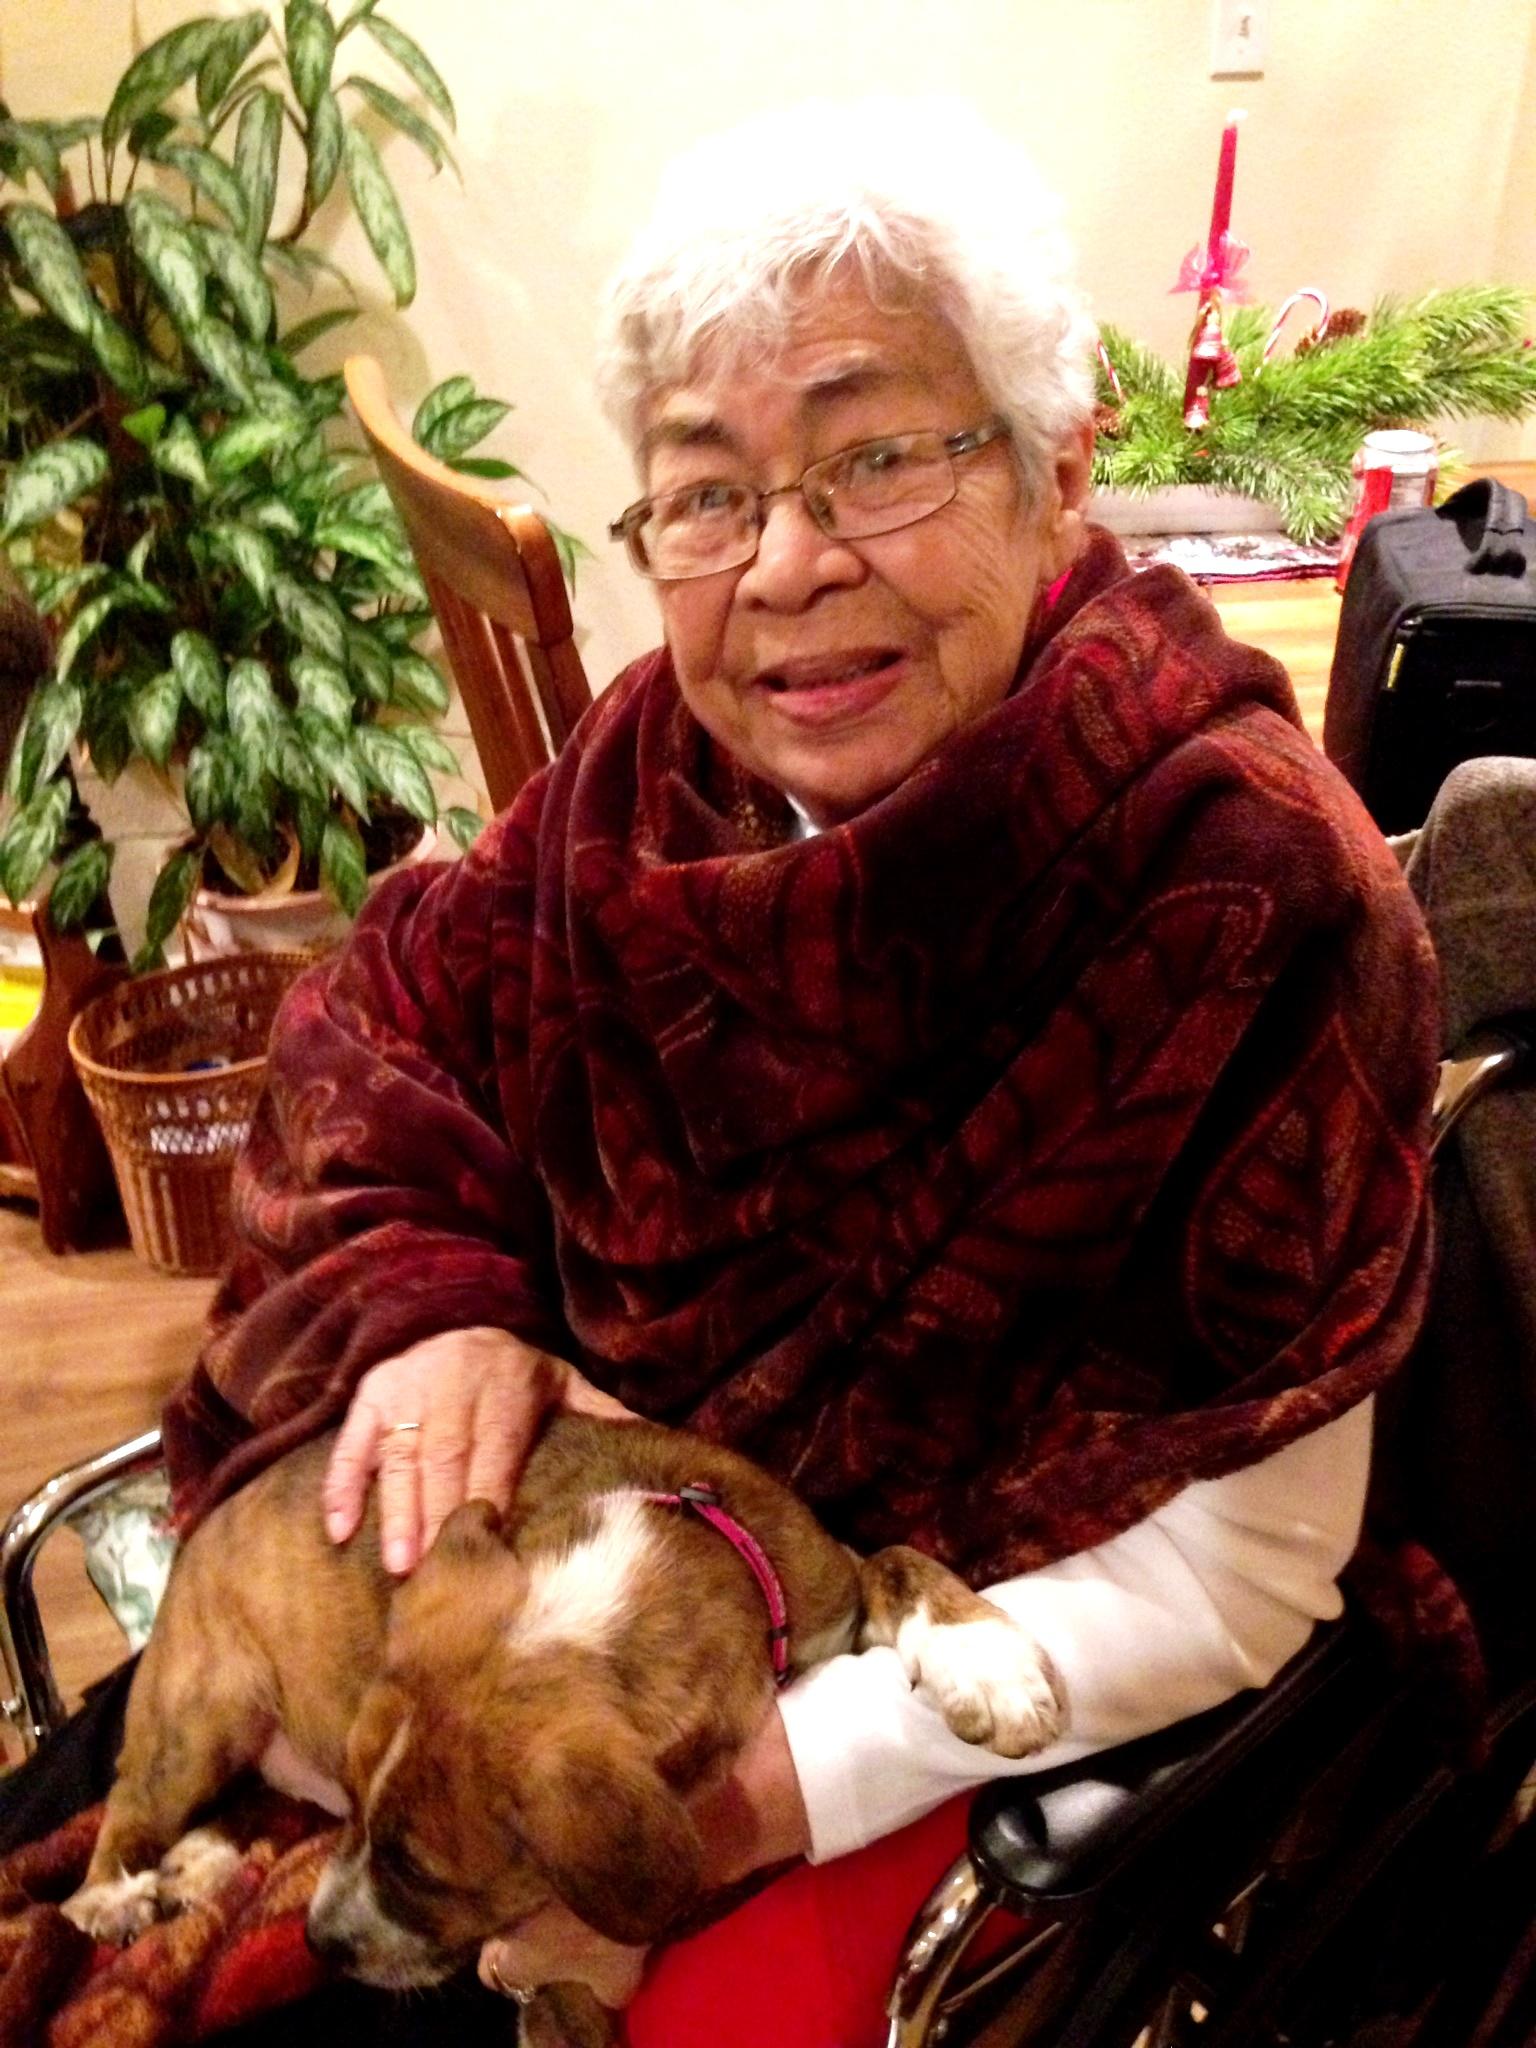 Gram holding puppy 1